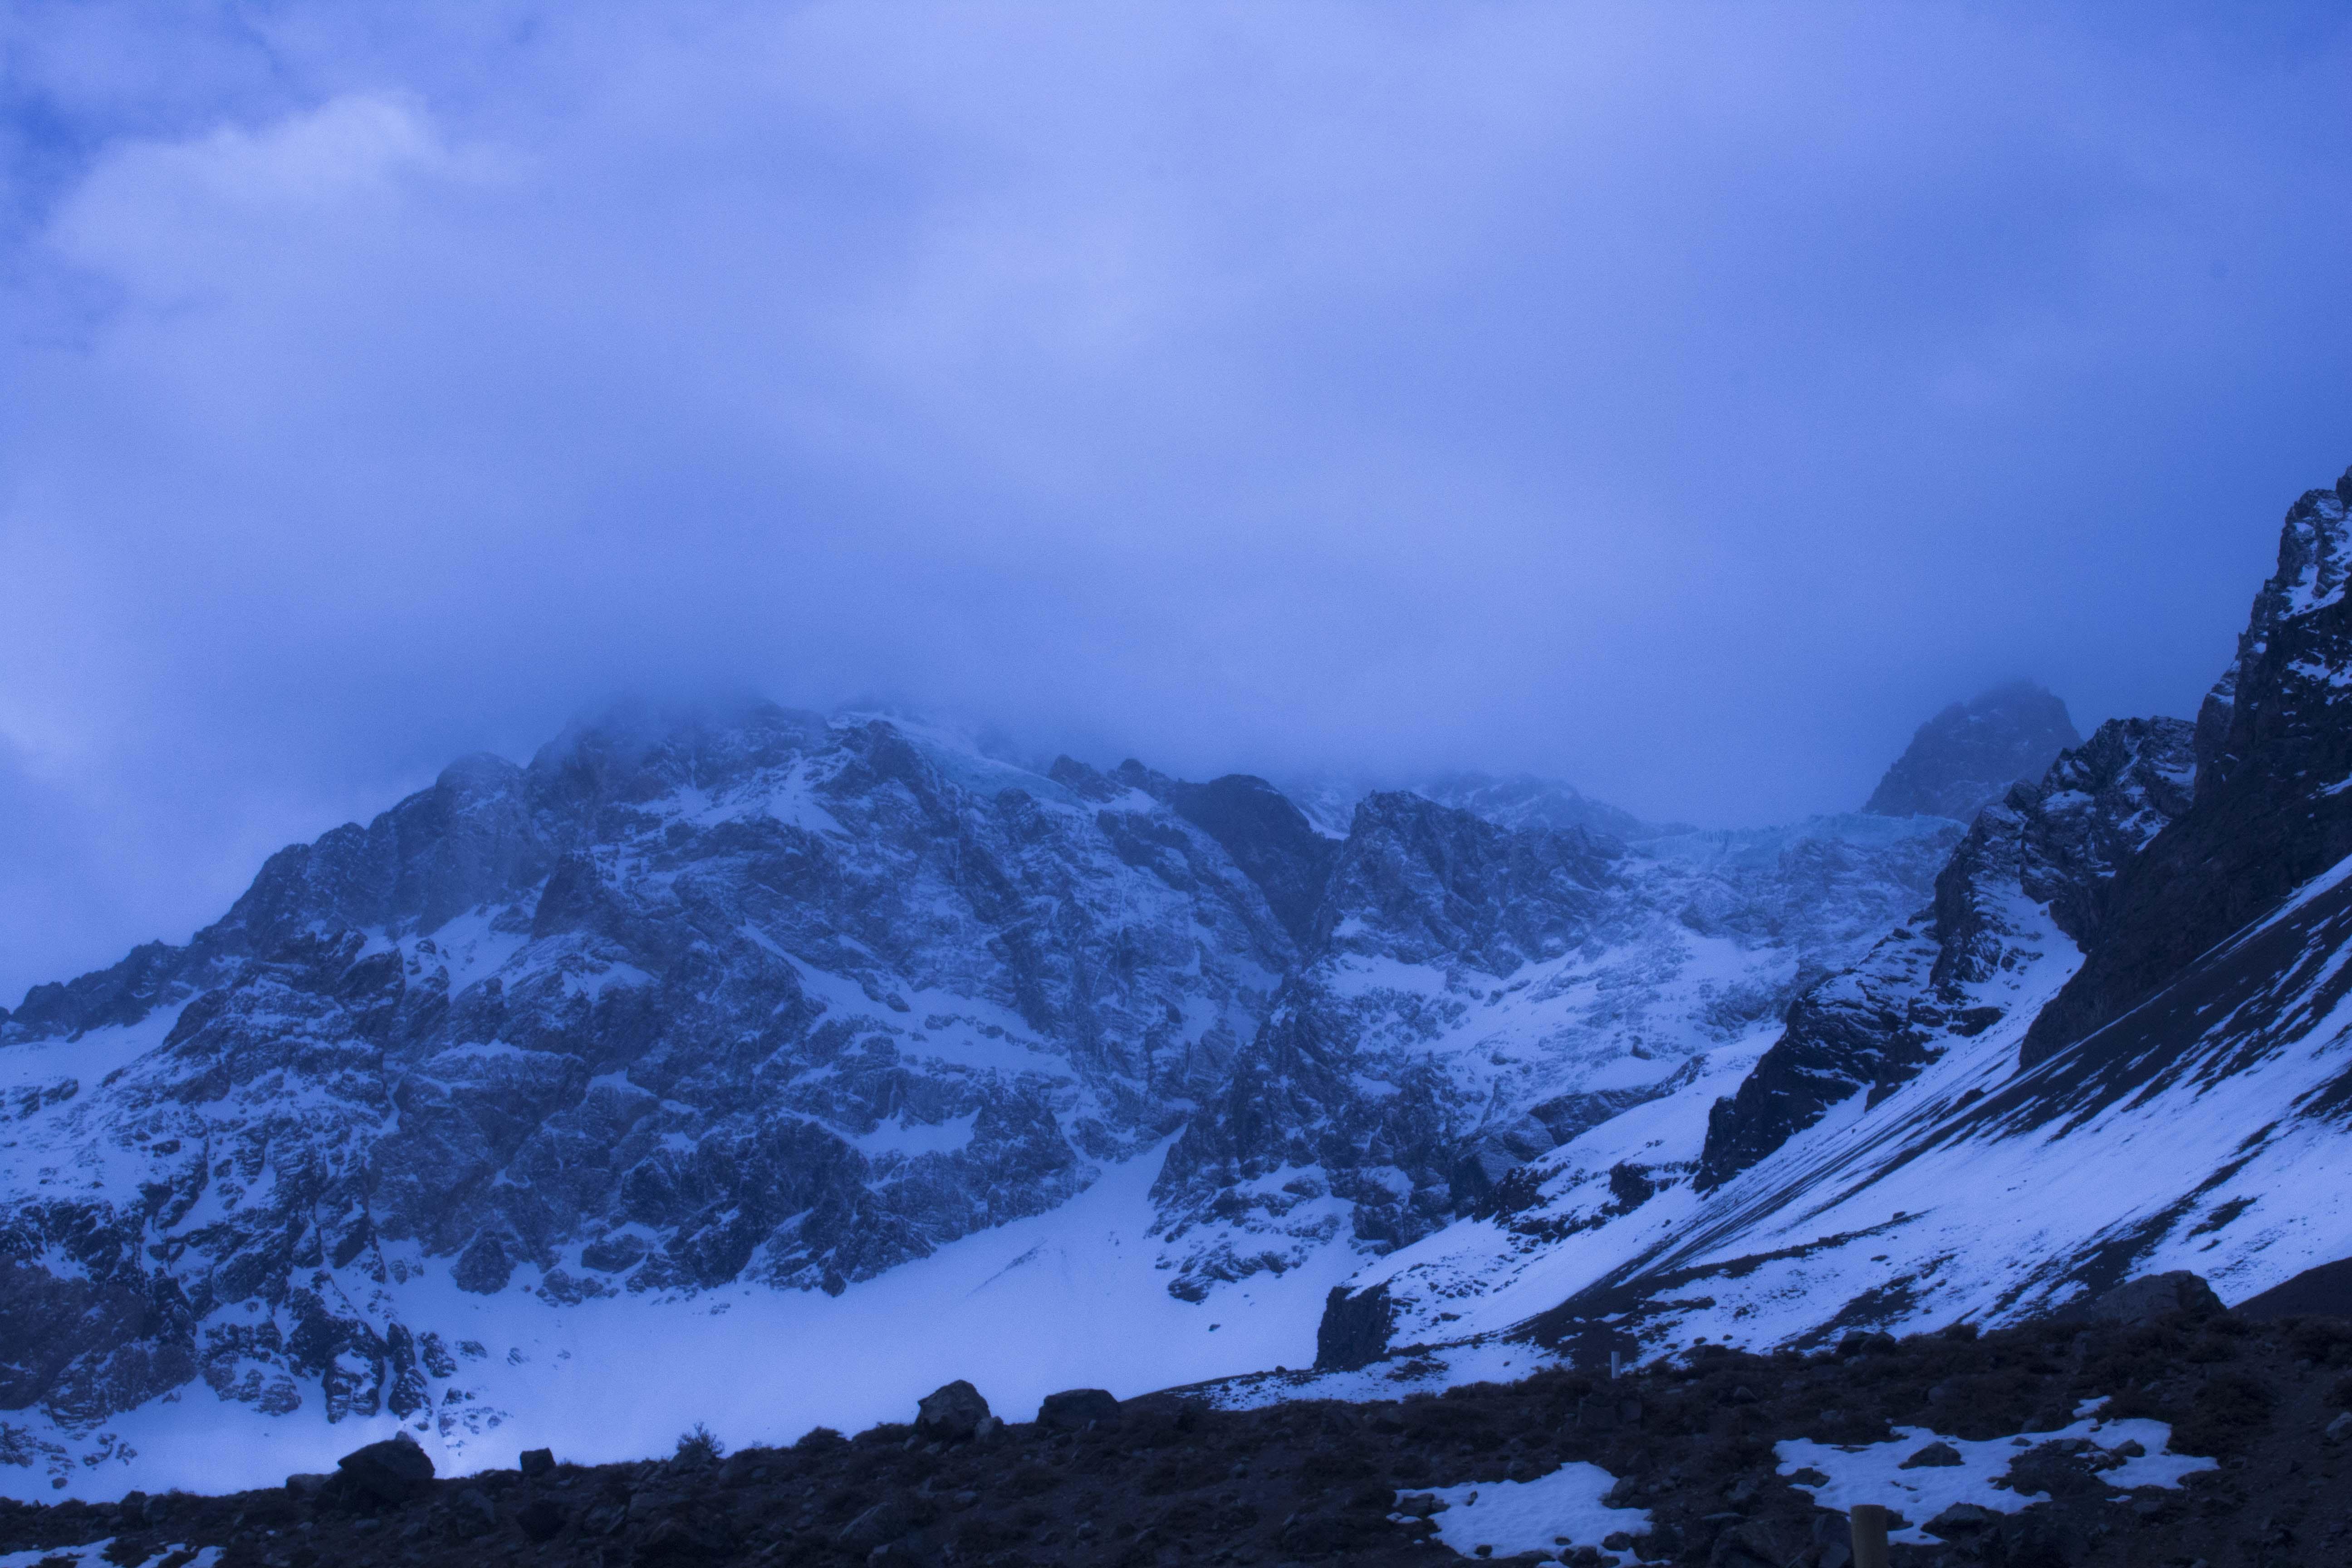 snowy rocky mountain